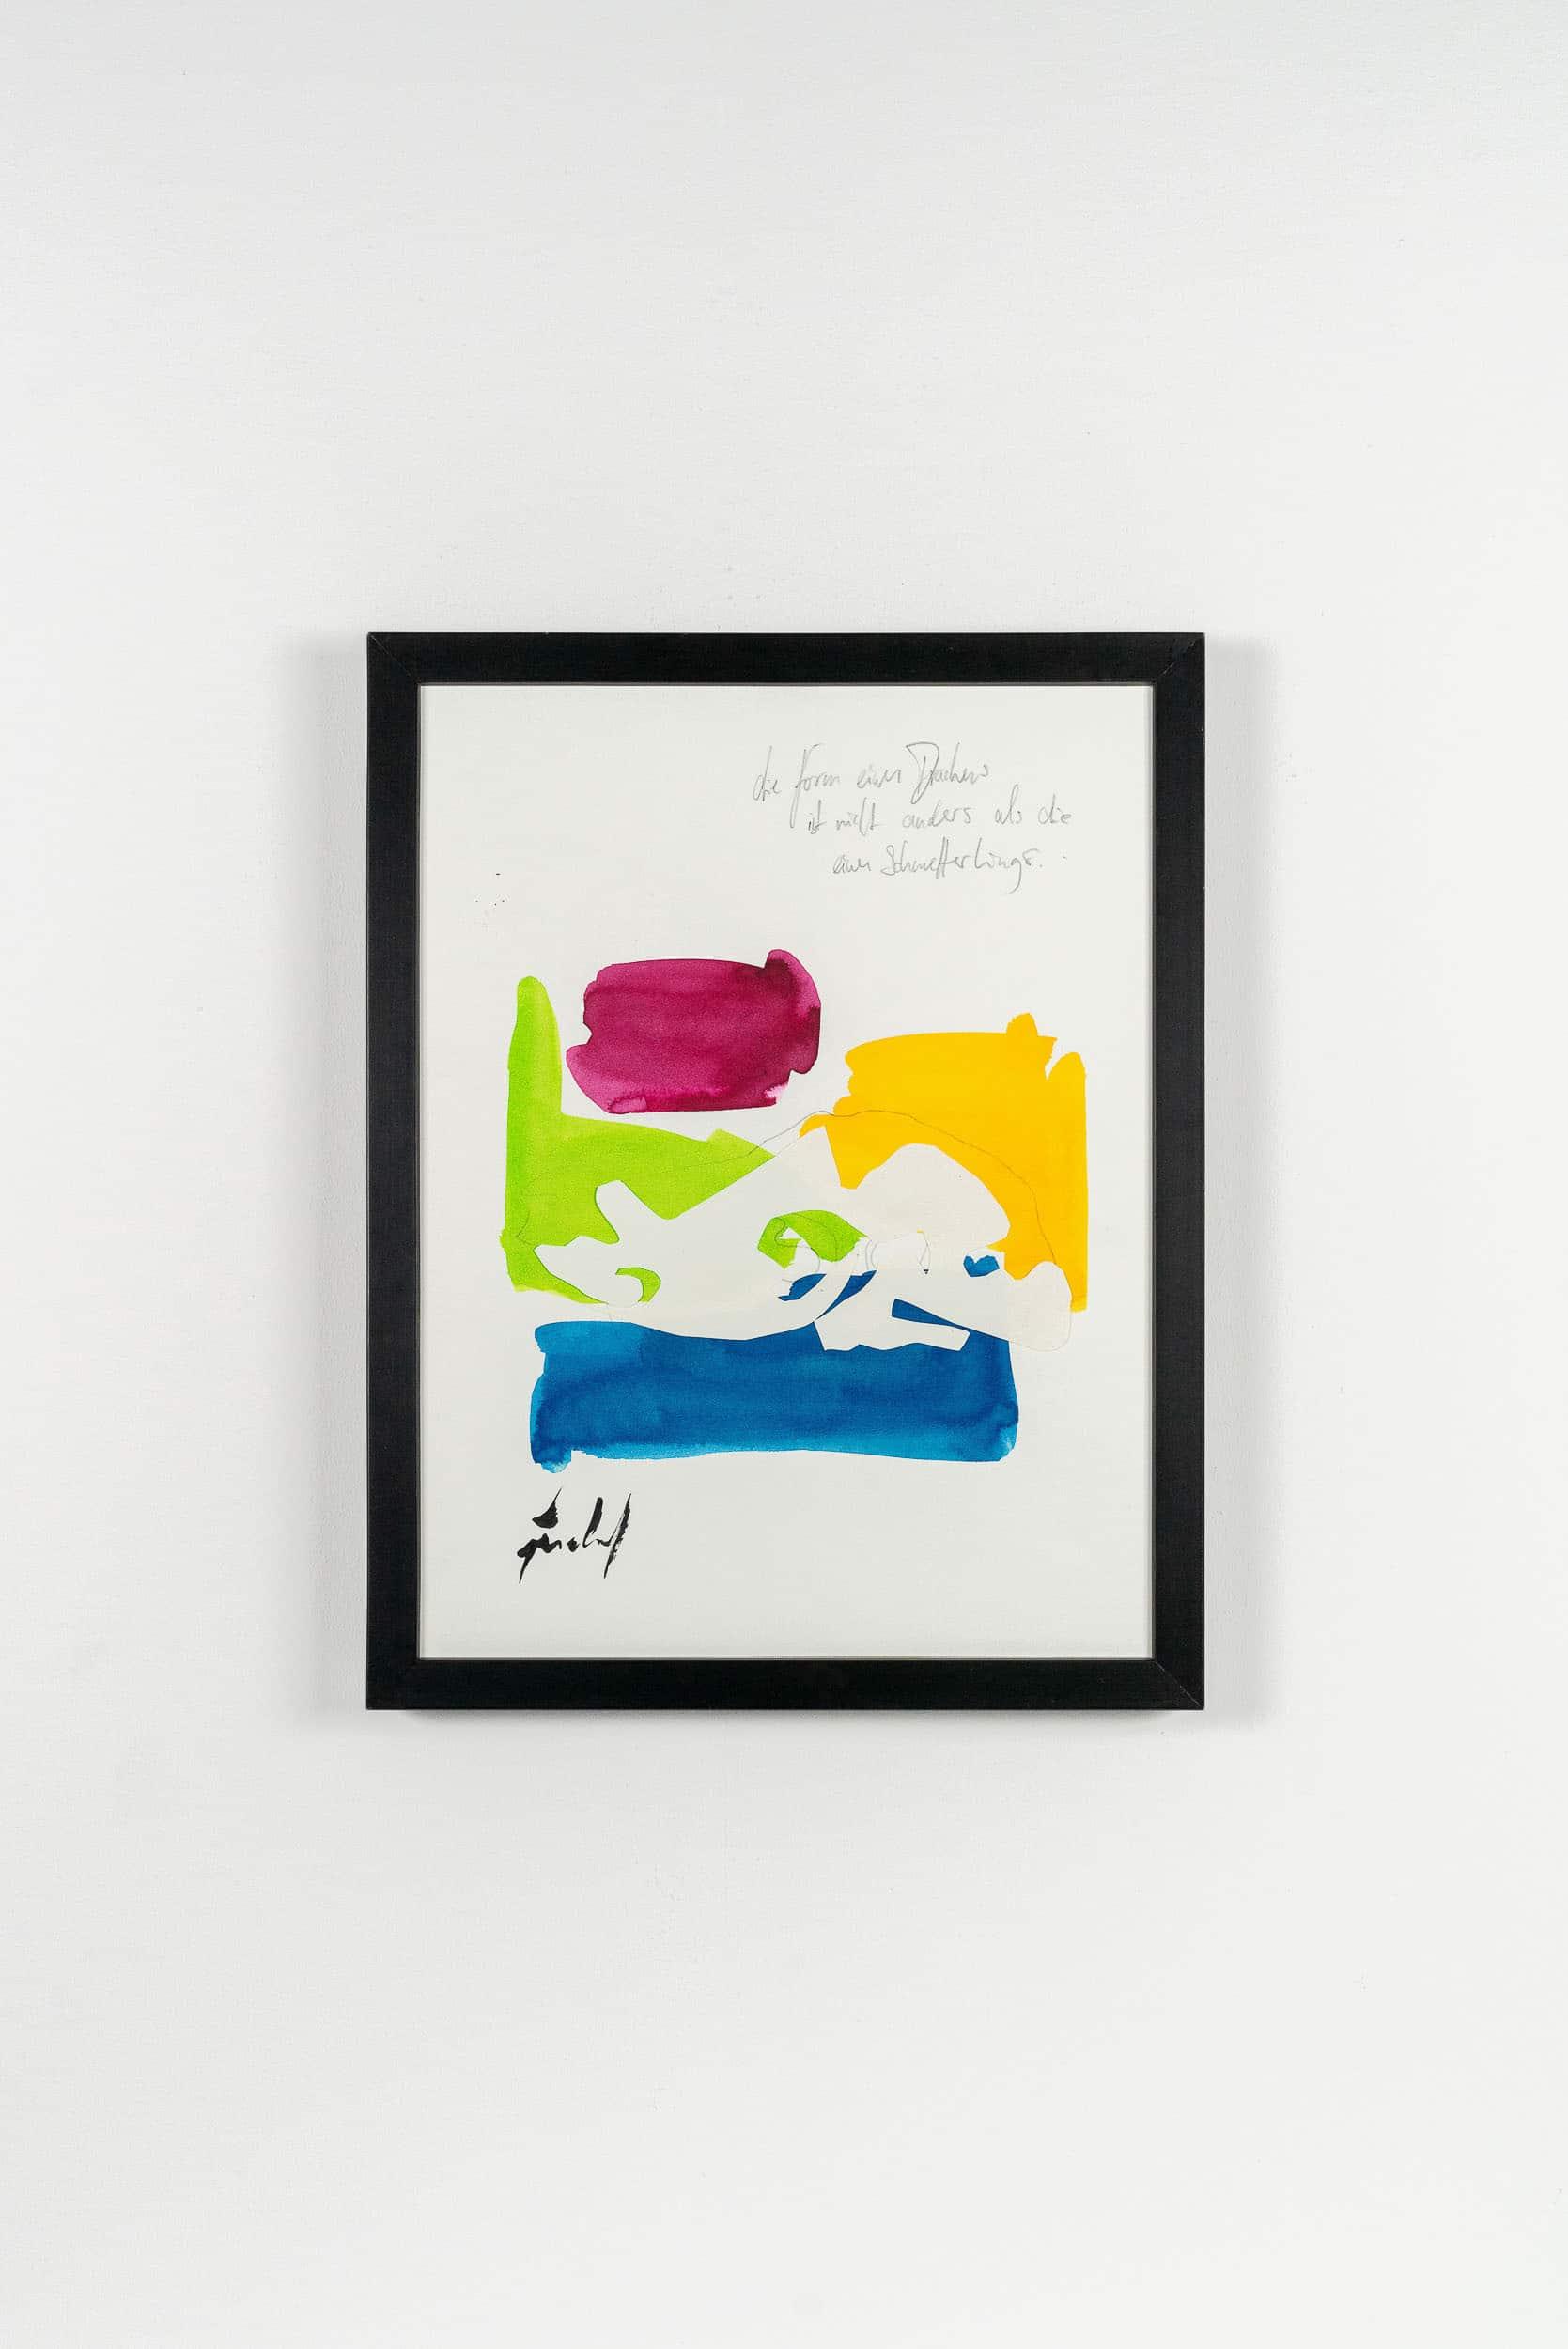 SiL21 Drache und Schmetterling 30 × 40 cm Tusche / Papier / Graphit / Scherenschnitt / Text 2013 5 Identisch